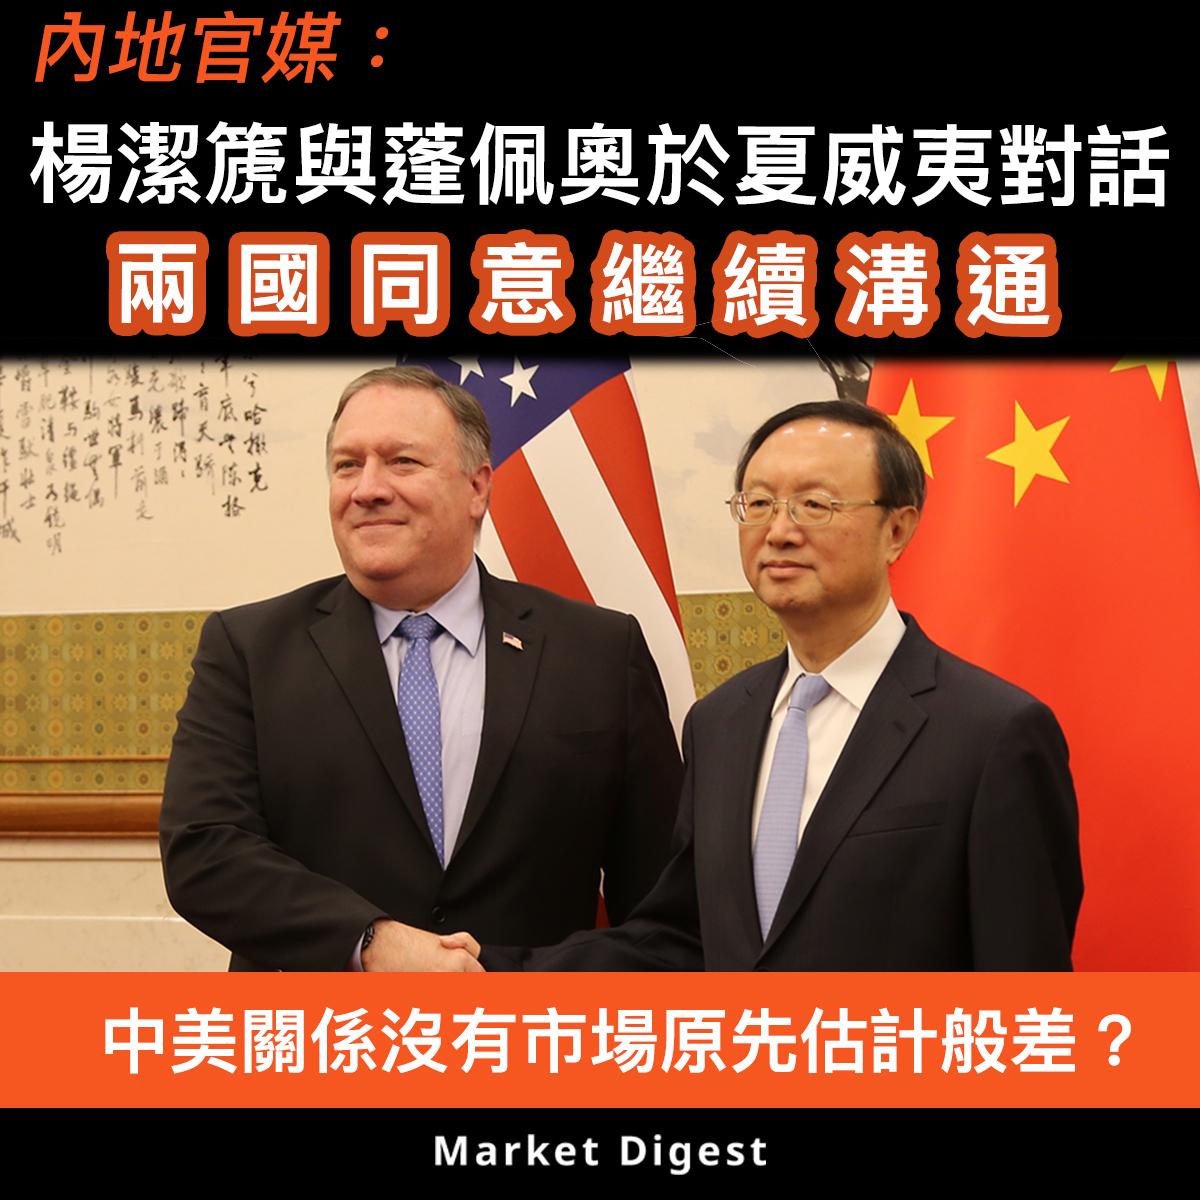 【市場熱話】內地官媒:楊潔篪與蓬佩奧於夏威夷對話,兩國同意繼續溝通